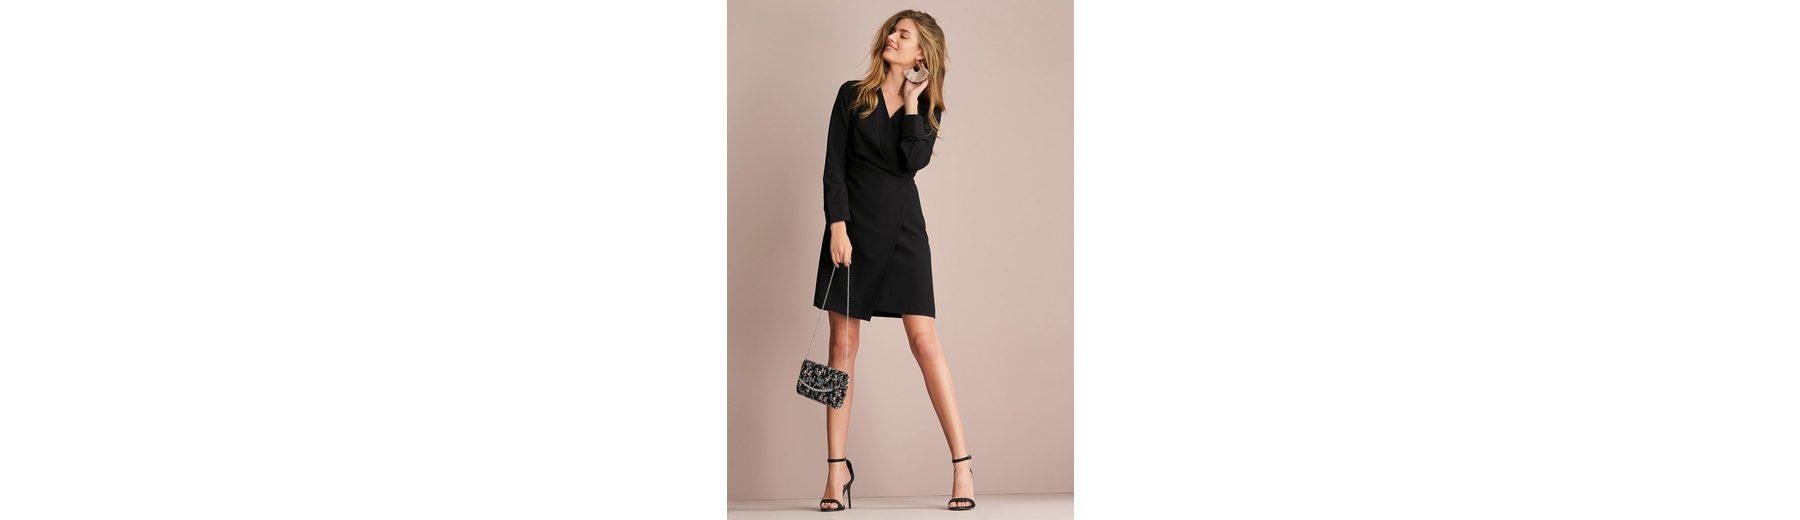 Next Kleid mit Vorderseite in Wickeloptik Cool eyuCbb0VQS